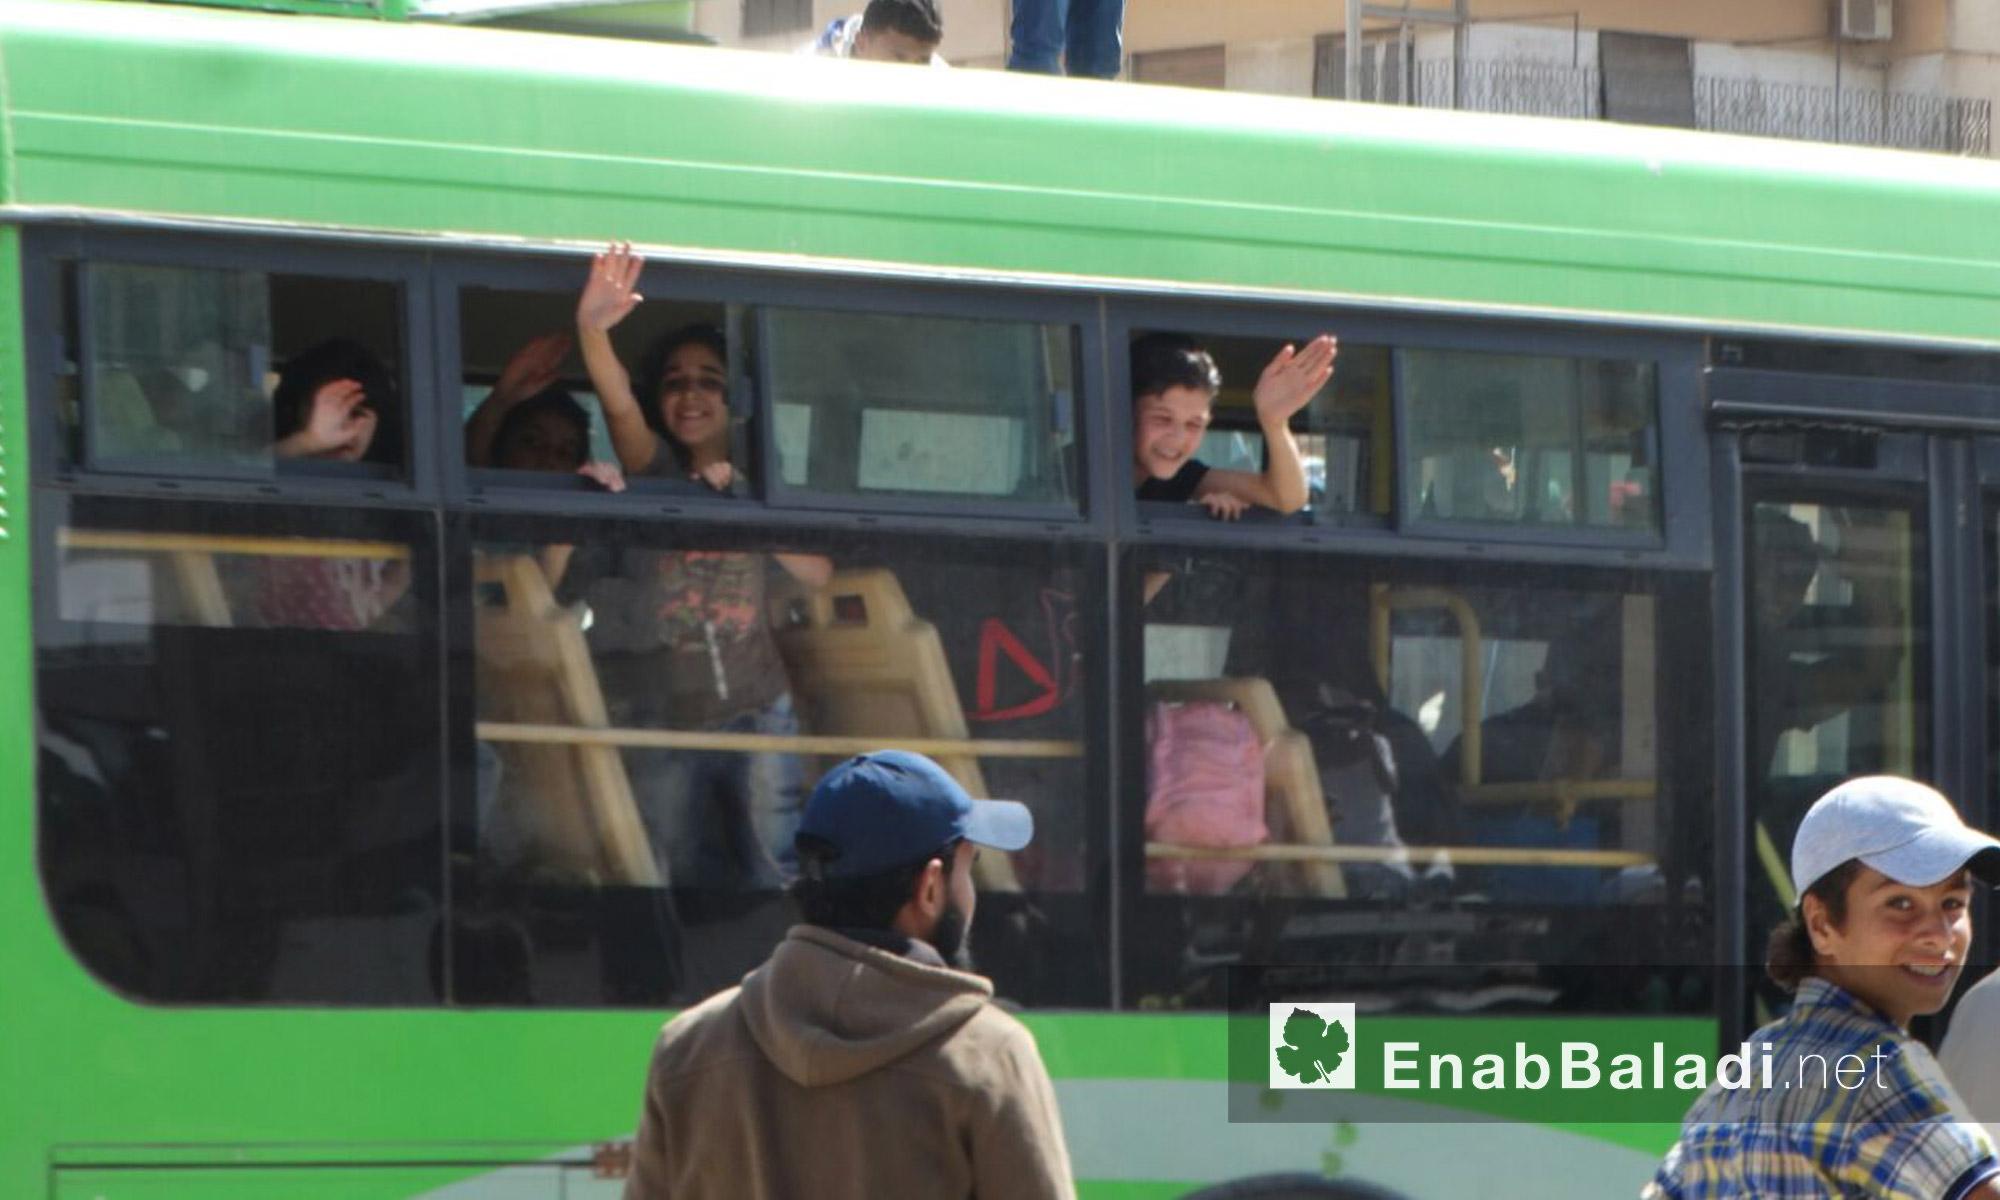 أطفال وعائلات الوعر يودعون أهالي الحي قبل خروجهم إلى ريف حمص الشمالي - الخميس 23 أيلول (عنب بلدي)